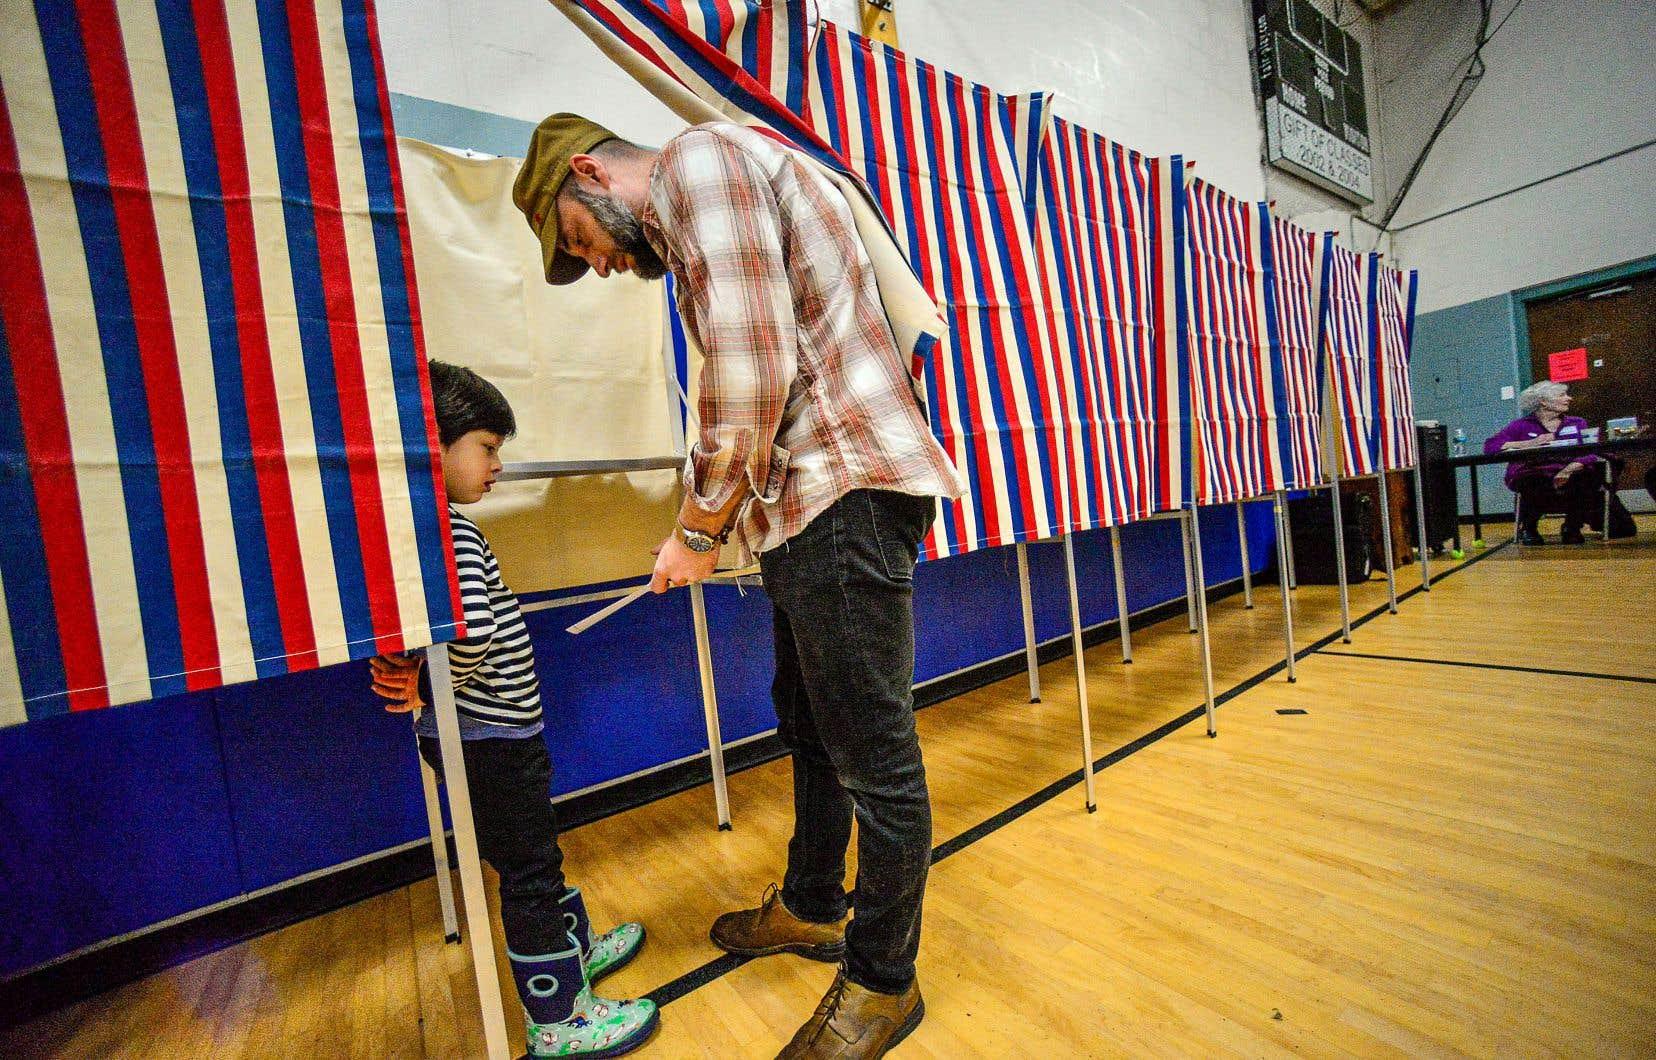 Un résident du Vermont, Tony Parmenter, a expliqué comment remplir un bulletin de vote à son fils de cinq ans dans un bureau de scrutin installé, mardi, dans l'école primaire du village de Dummerston.